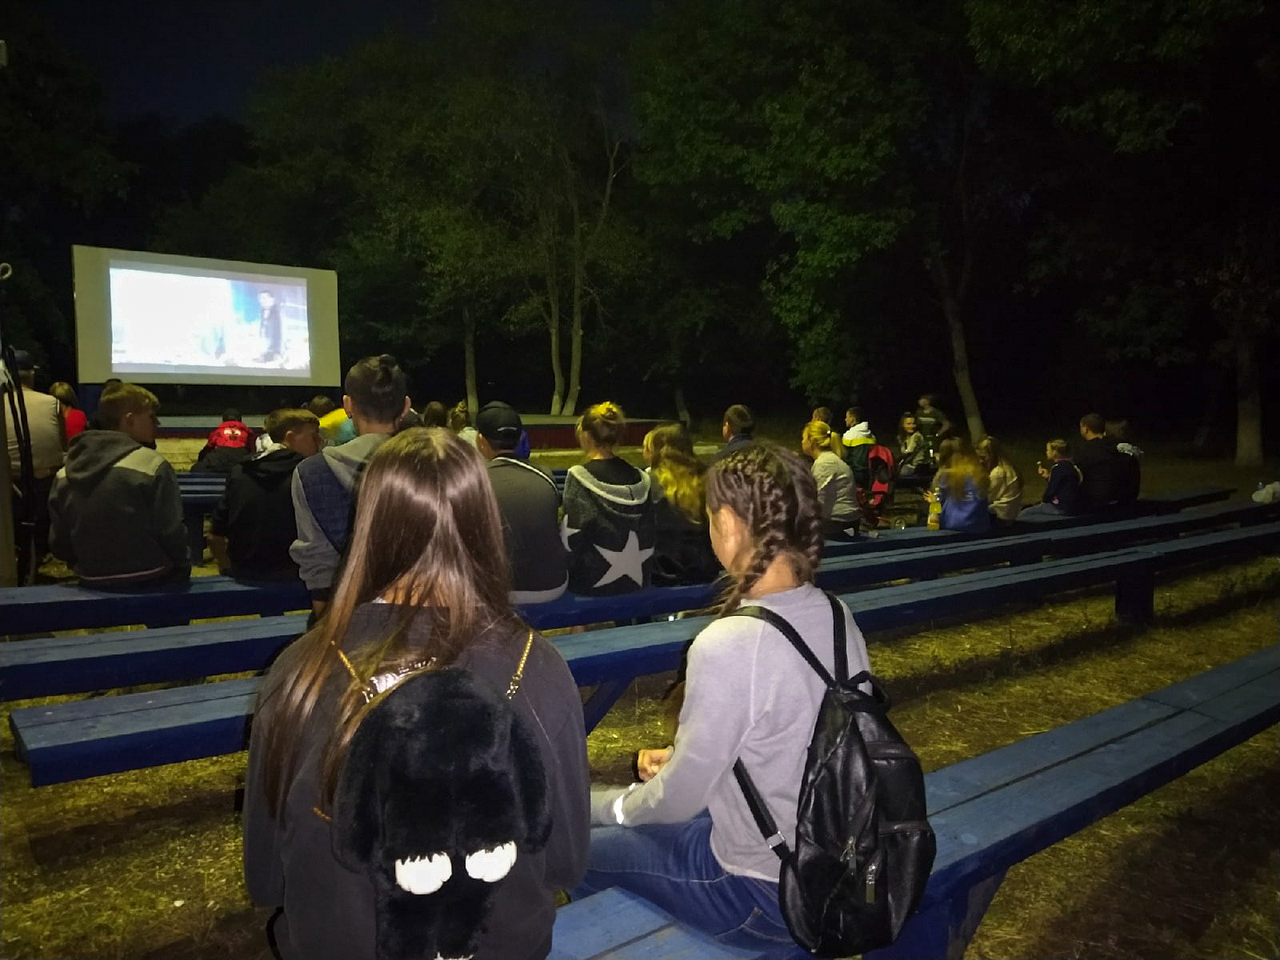 В Перевальске под открытым небом прошёл показ фильма «Детектив Пикачу»